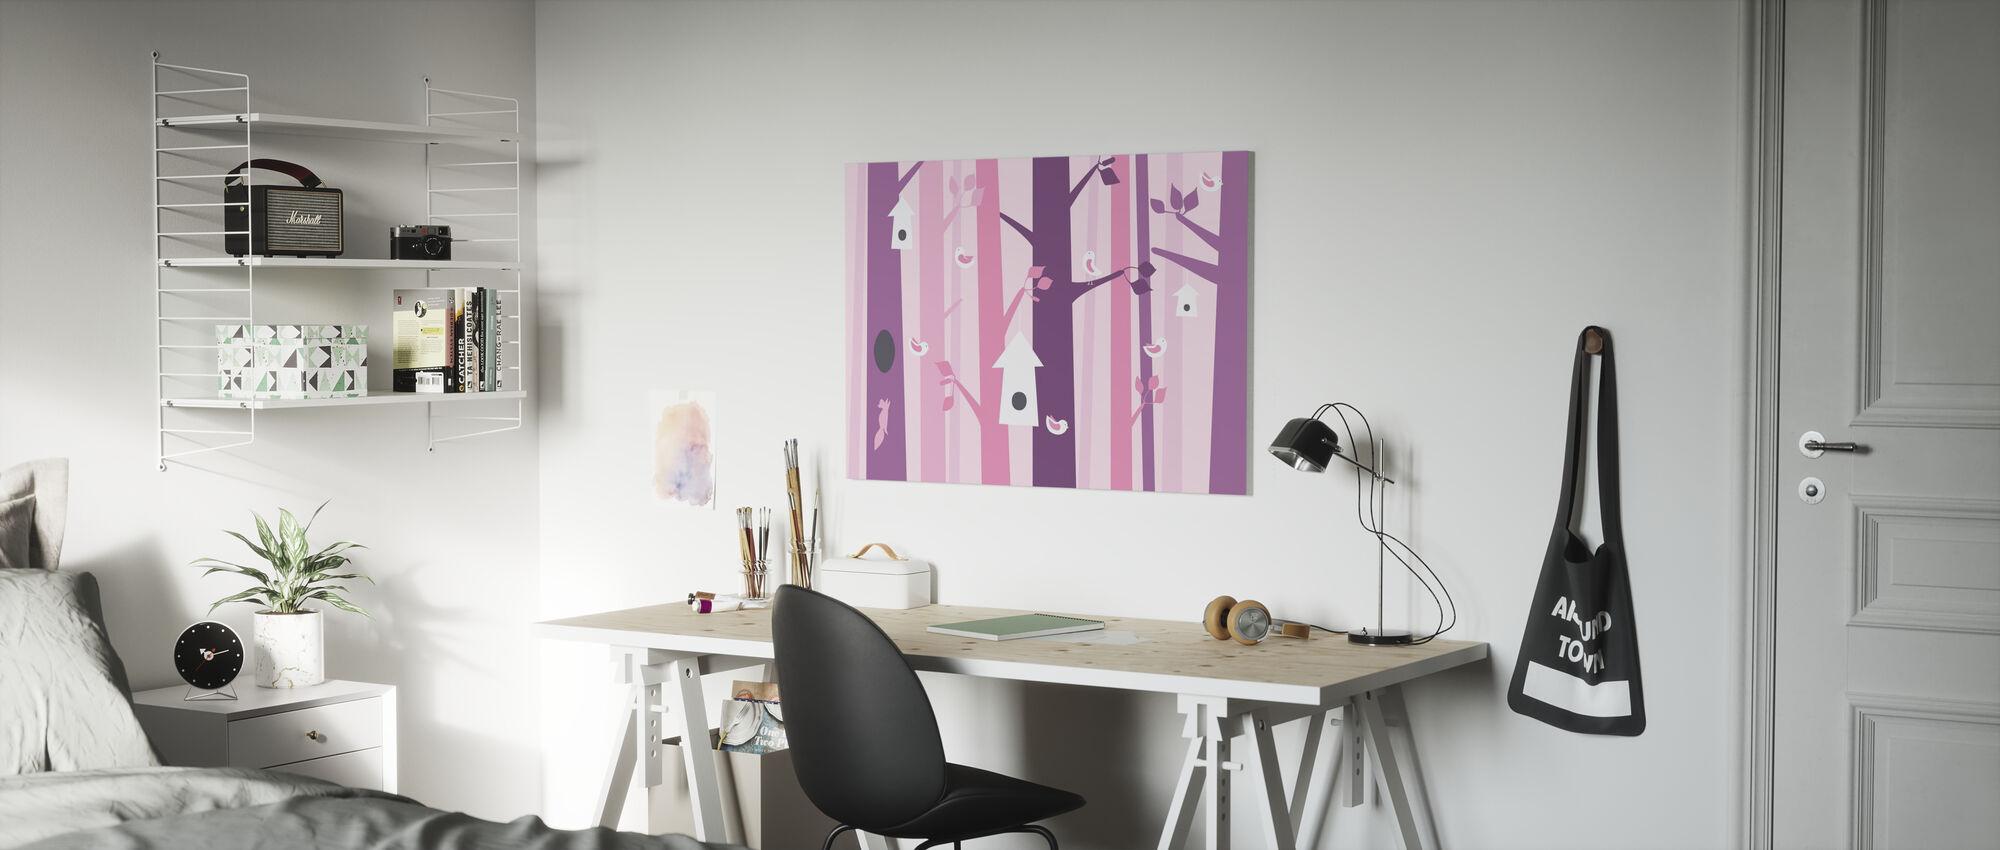 Birdforest - Pink - Canvas print - Kids Room